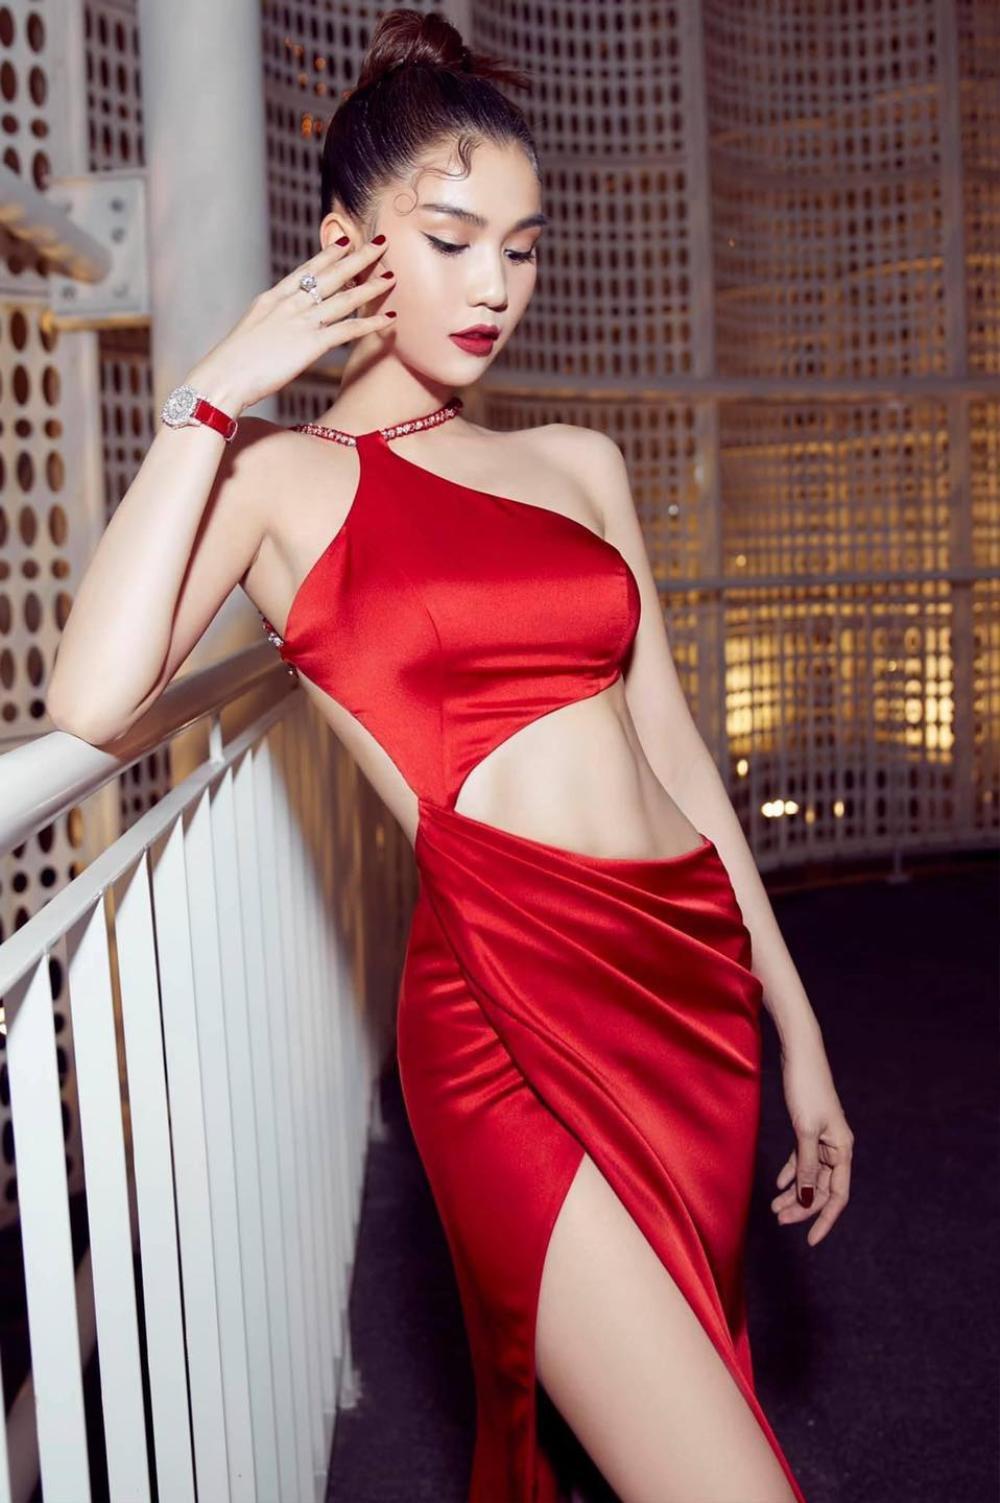 Ngọc Trinh diện váy đỏ rực khoe lưng ong mượt mà đốt mắt fan Ảnh 2